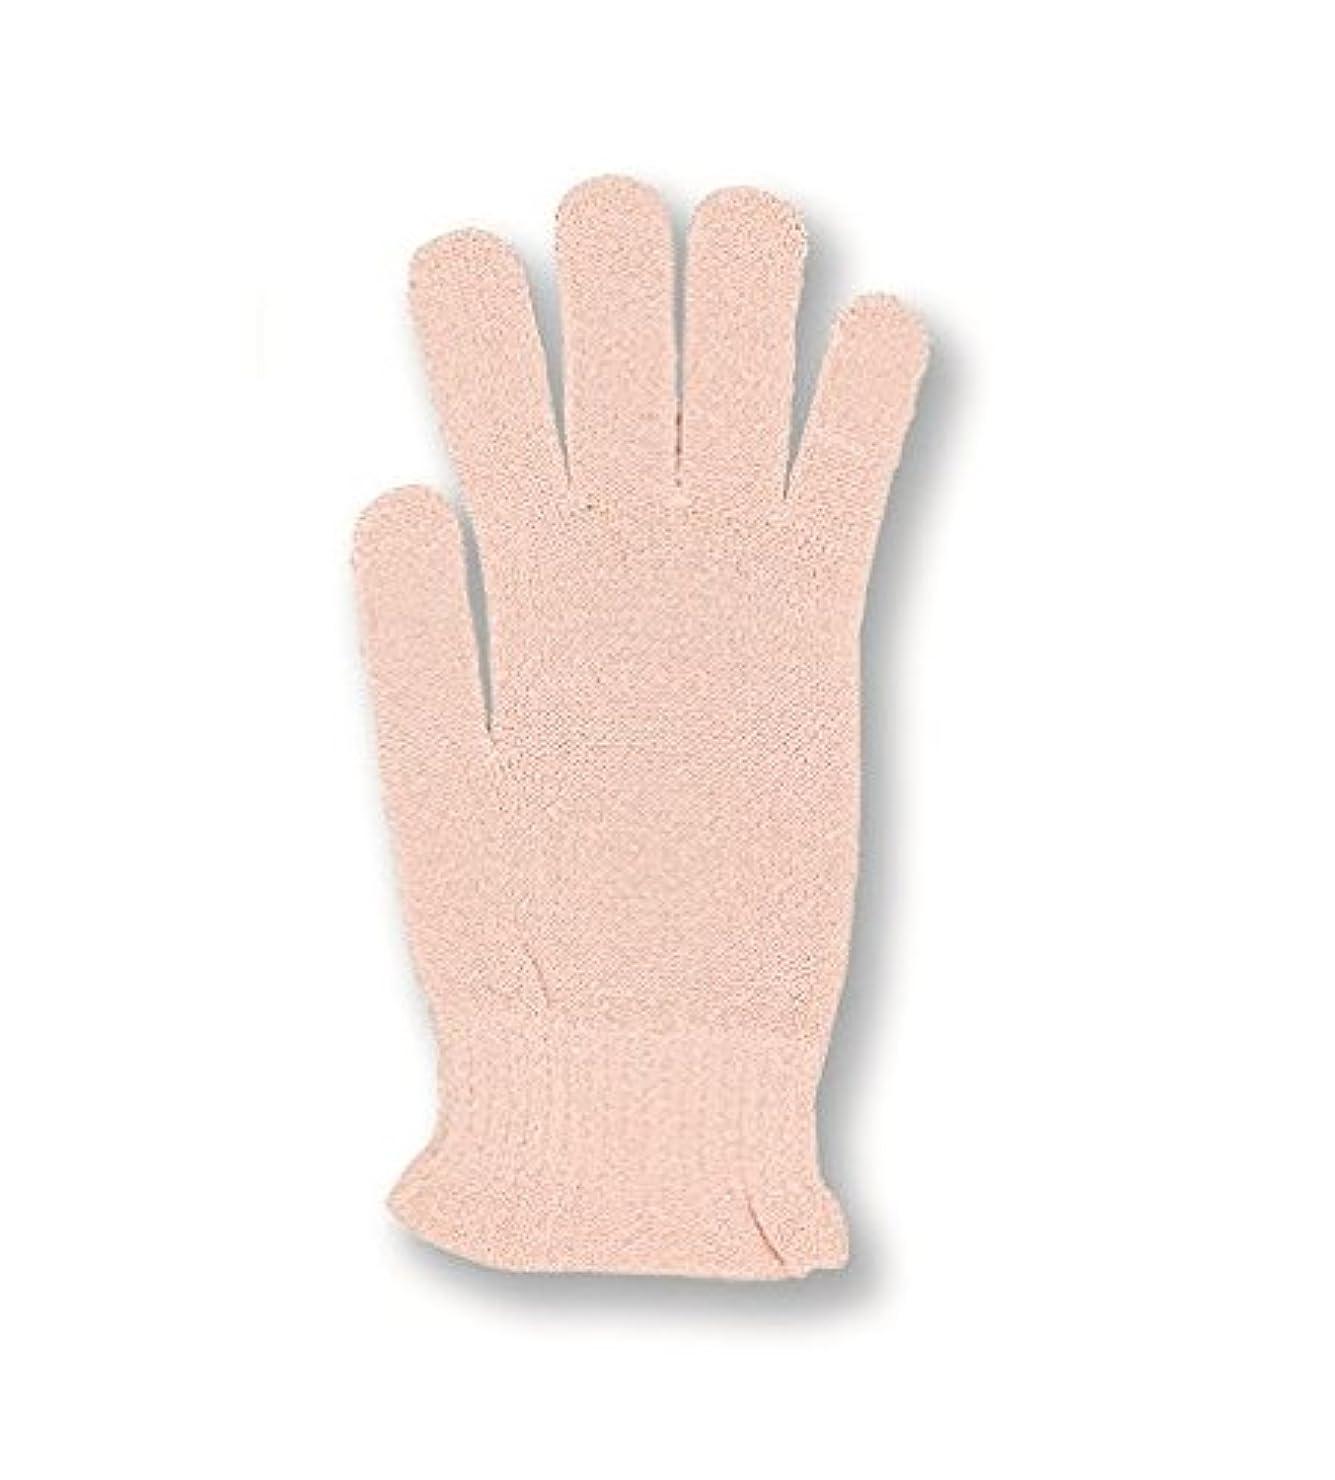 刺激する警告使い込むコクーンフィット シルク おやすみ手袋 ピーチ